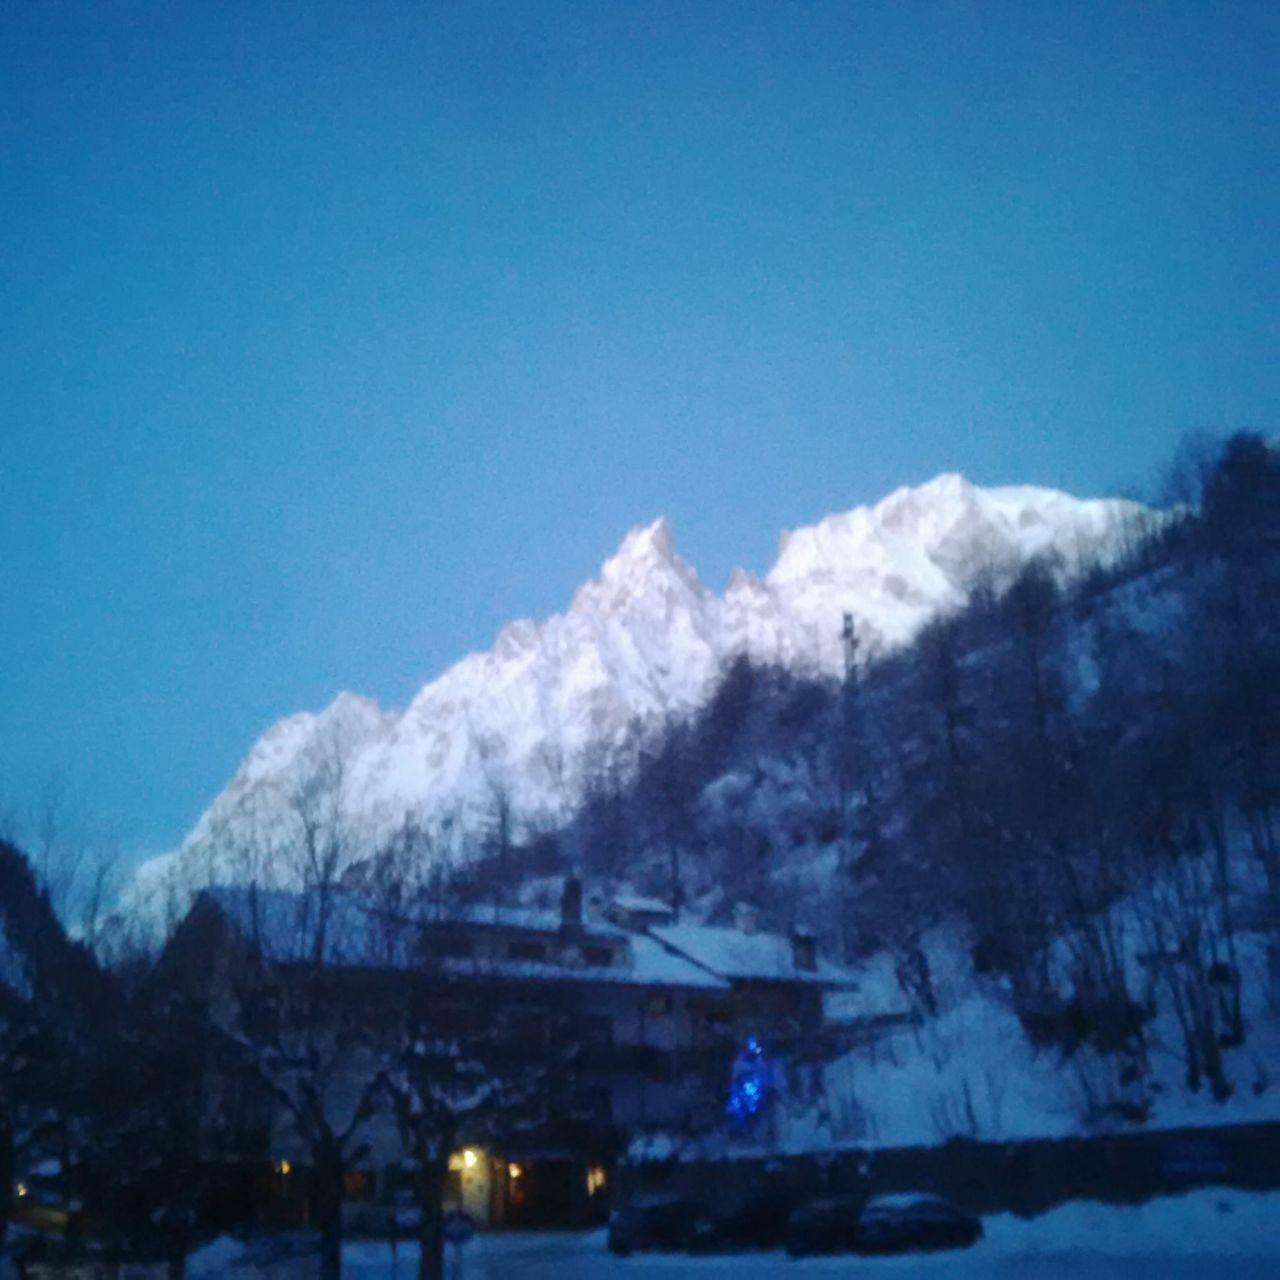 tramonto-rifugio-lilla-la-thuile-non-si-dice-piacere-galateo-bon-ton-hotel-albergo